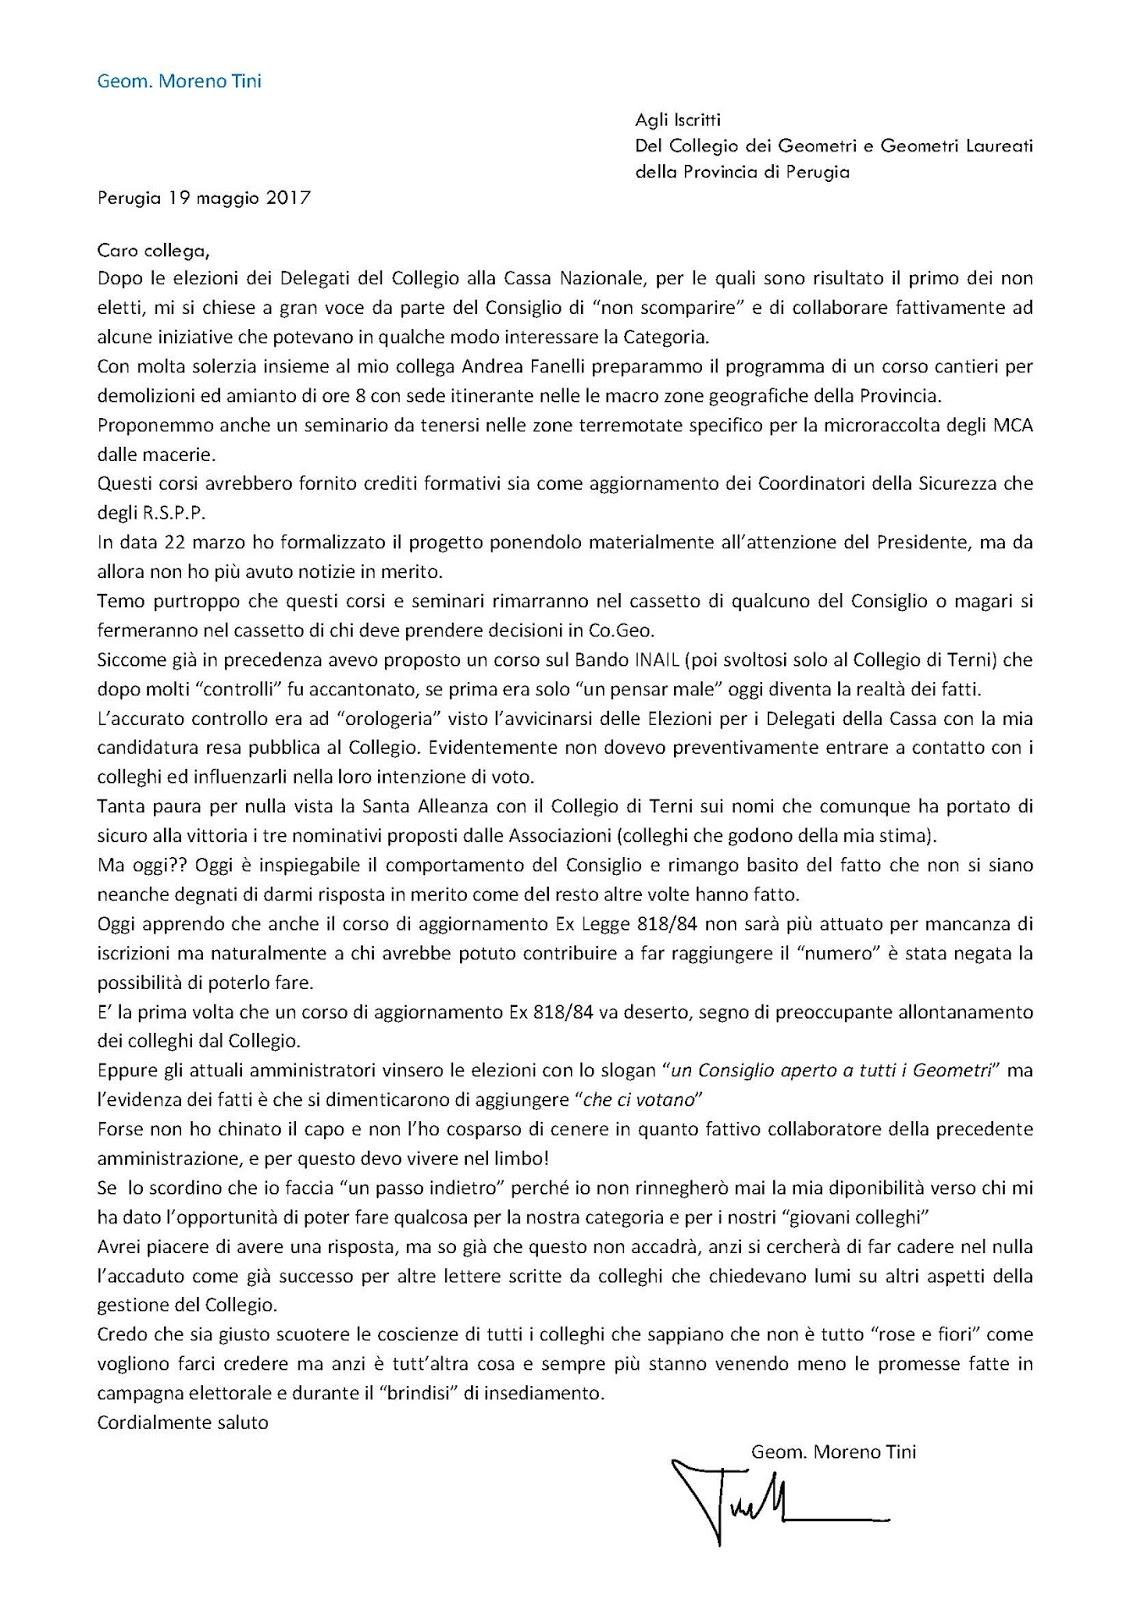 Lavoro A Perugia E Provincia - To Whom It May Concern Letter